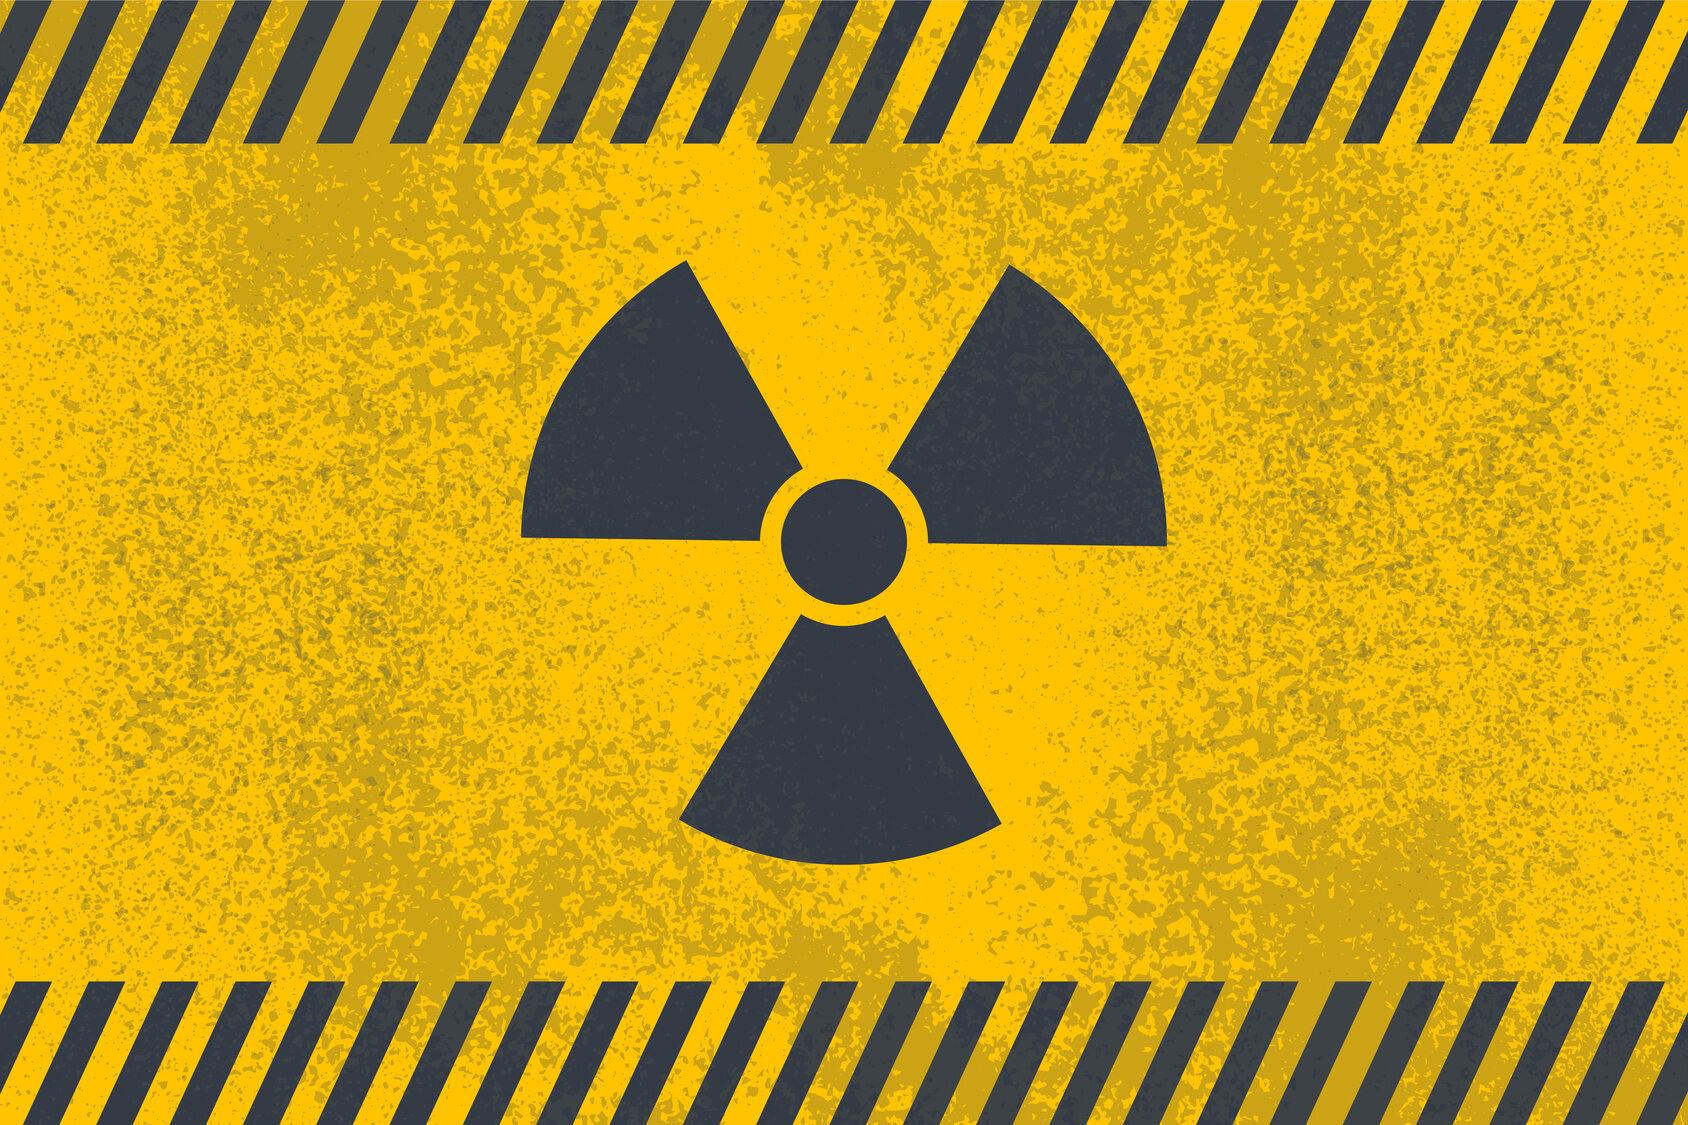 Materiał radioaktywny, zdjęcie ilustracyjne